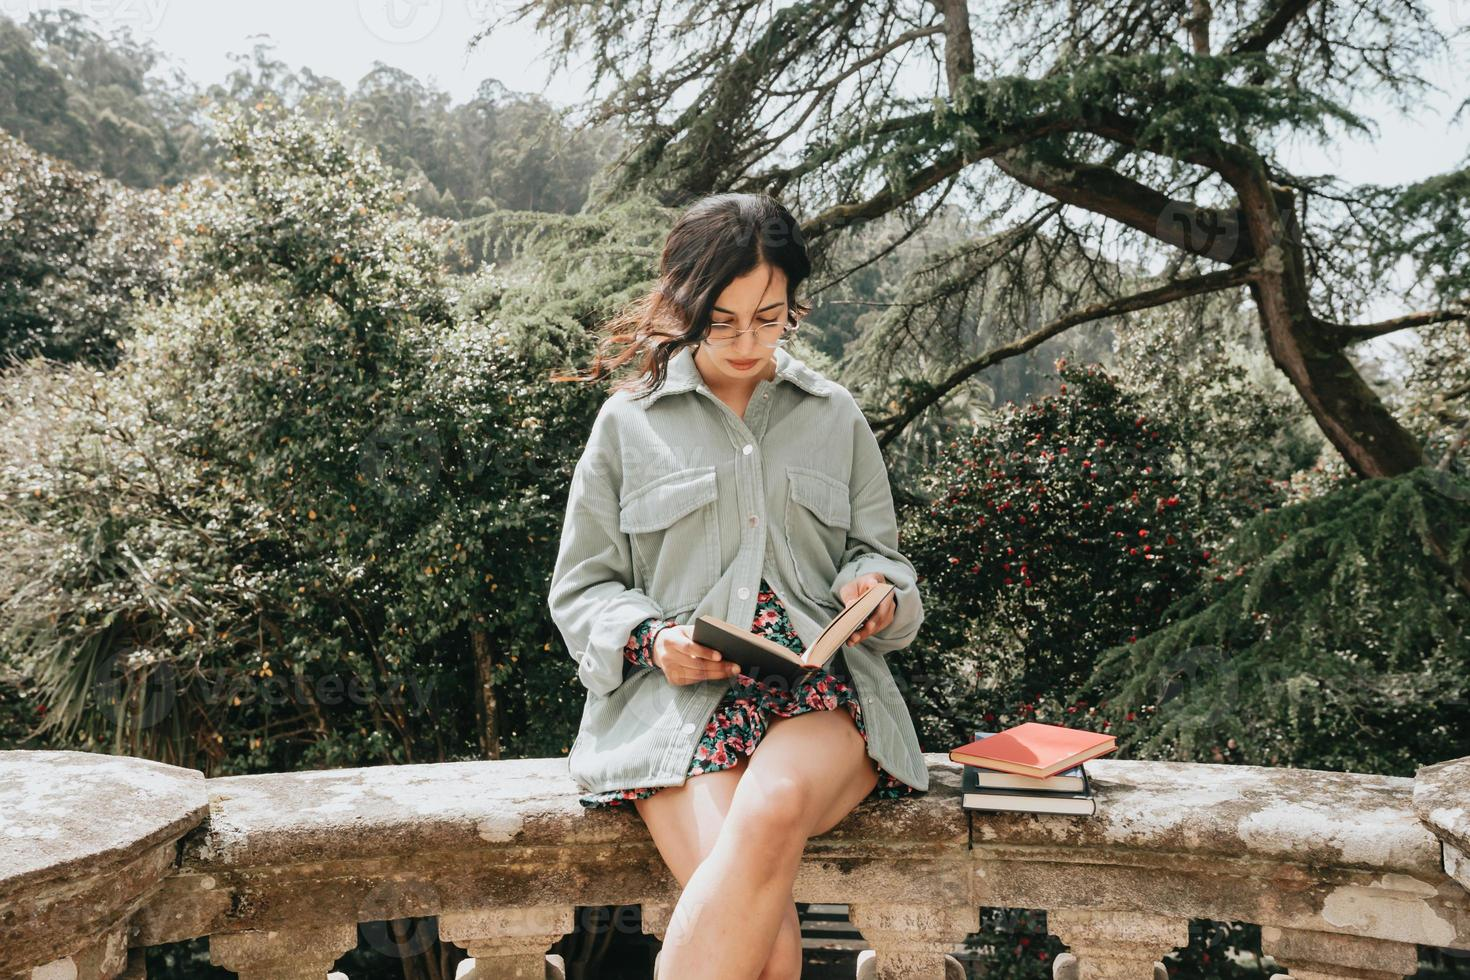 Mujer joven sentada en un edificio antiguo leyendo un libro durante un día soleado foto